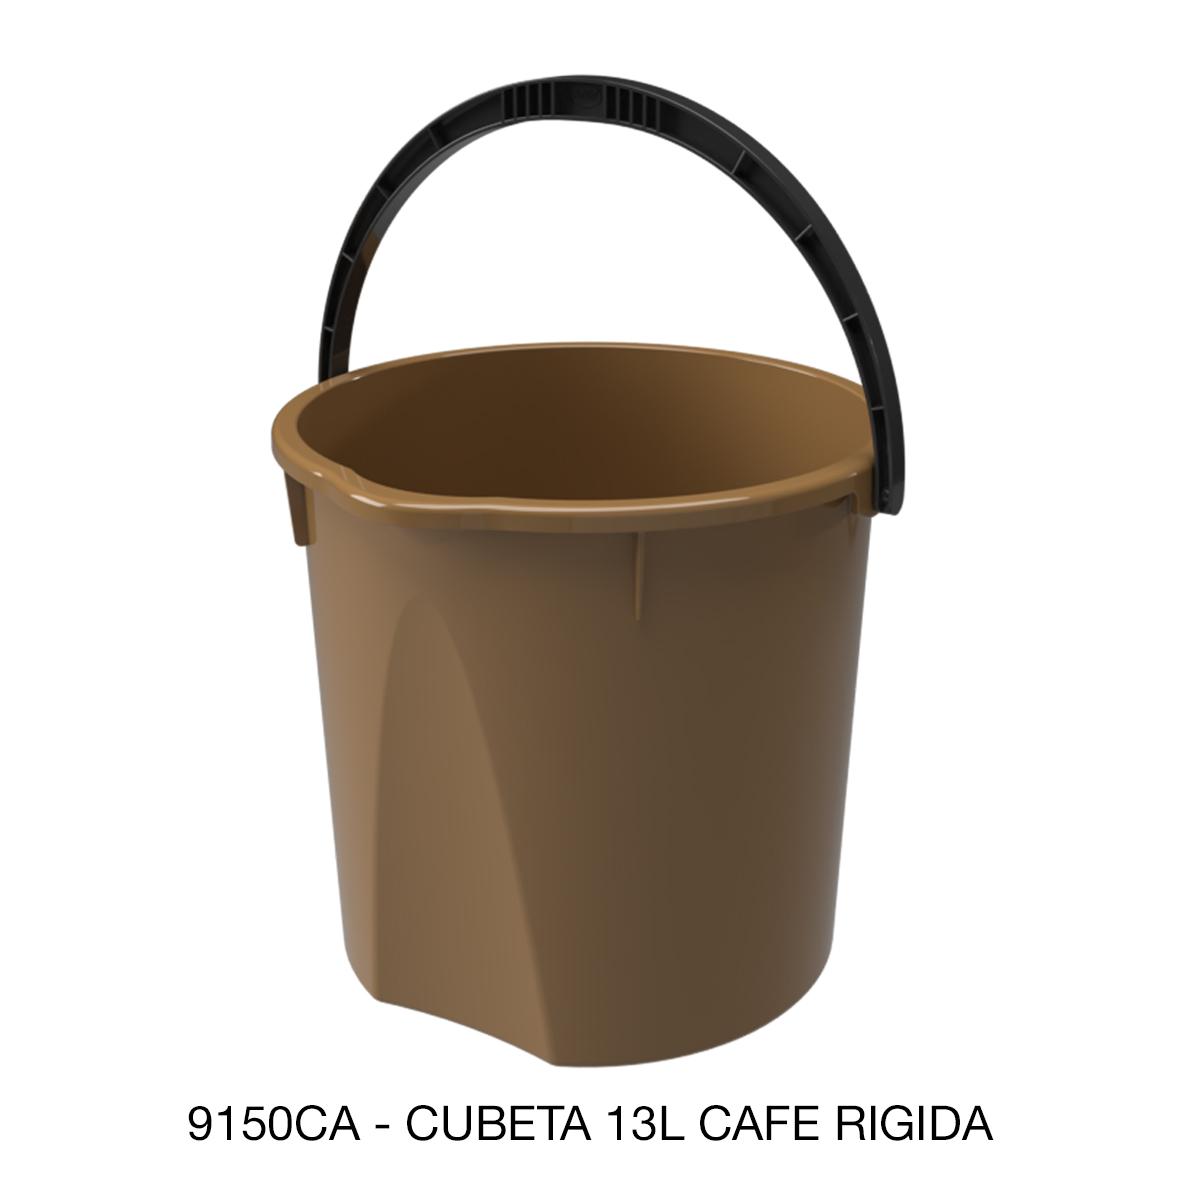 Cubeta rígida de 13 litros color café modelo 9150CA de Sablón